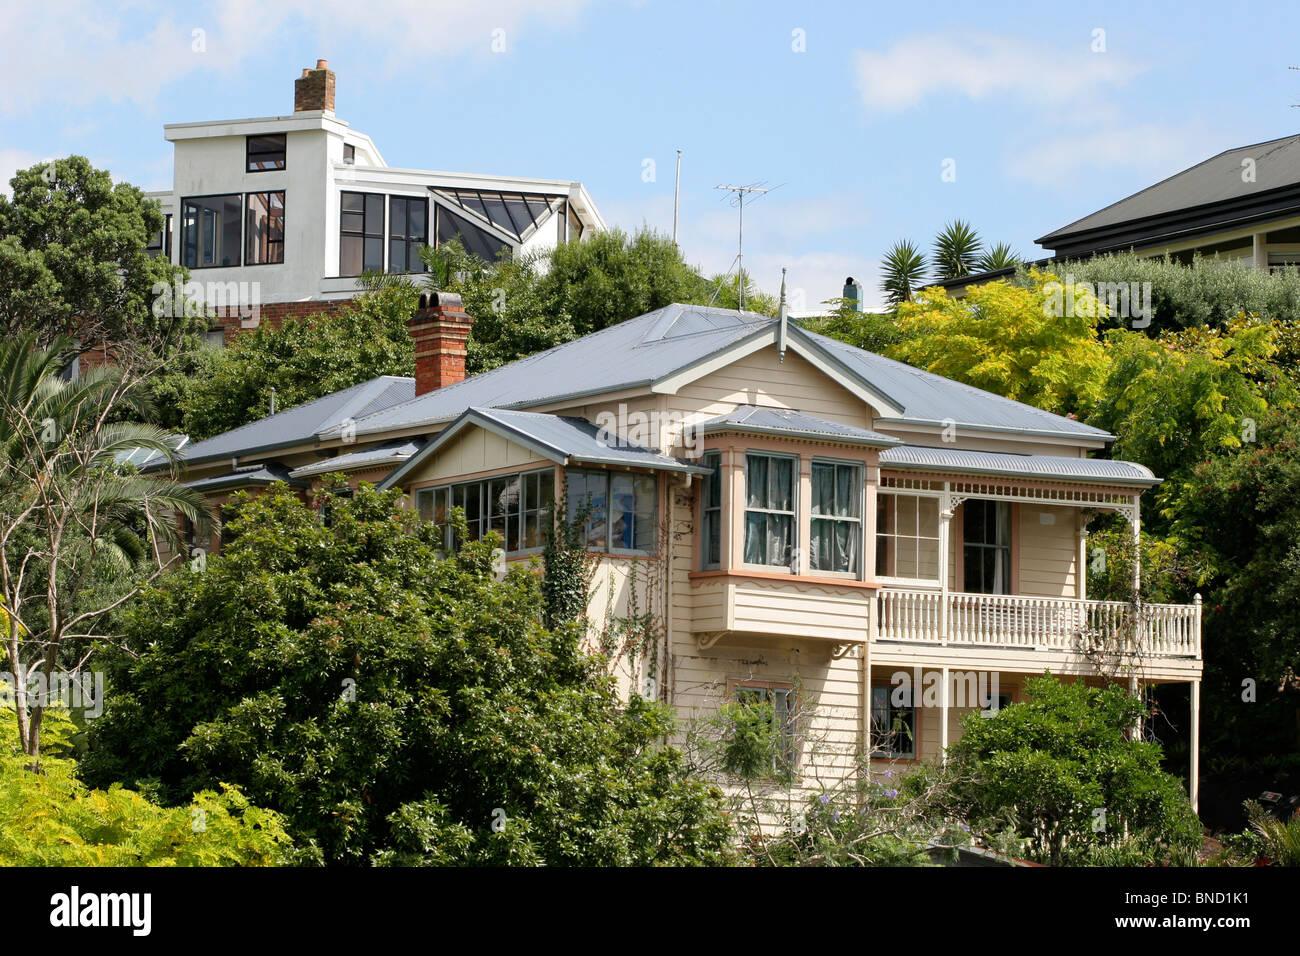 En dehors de Devonport Auckland Nouvelle Zelande 2010 avec une famille de maisons de style victorien et moderne Photo Stock